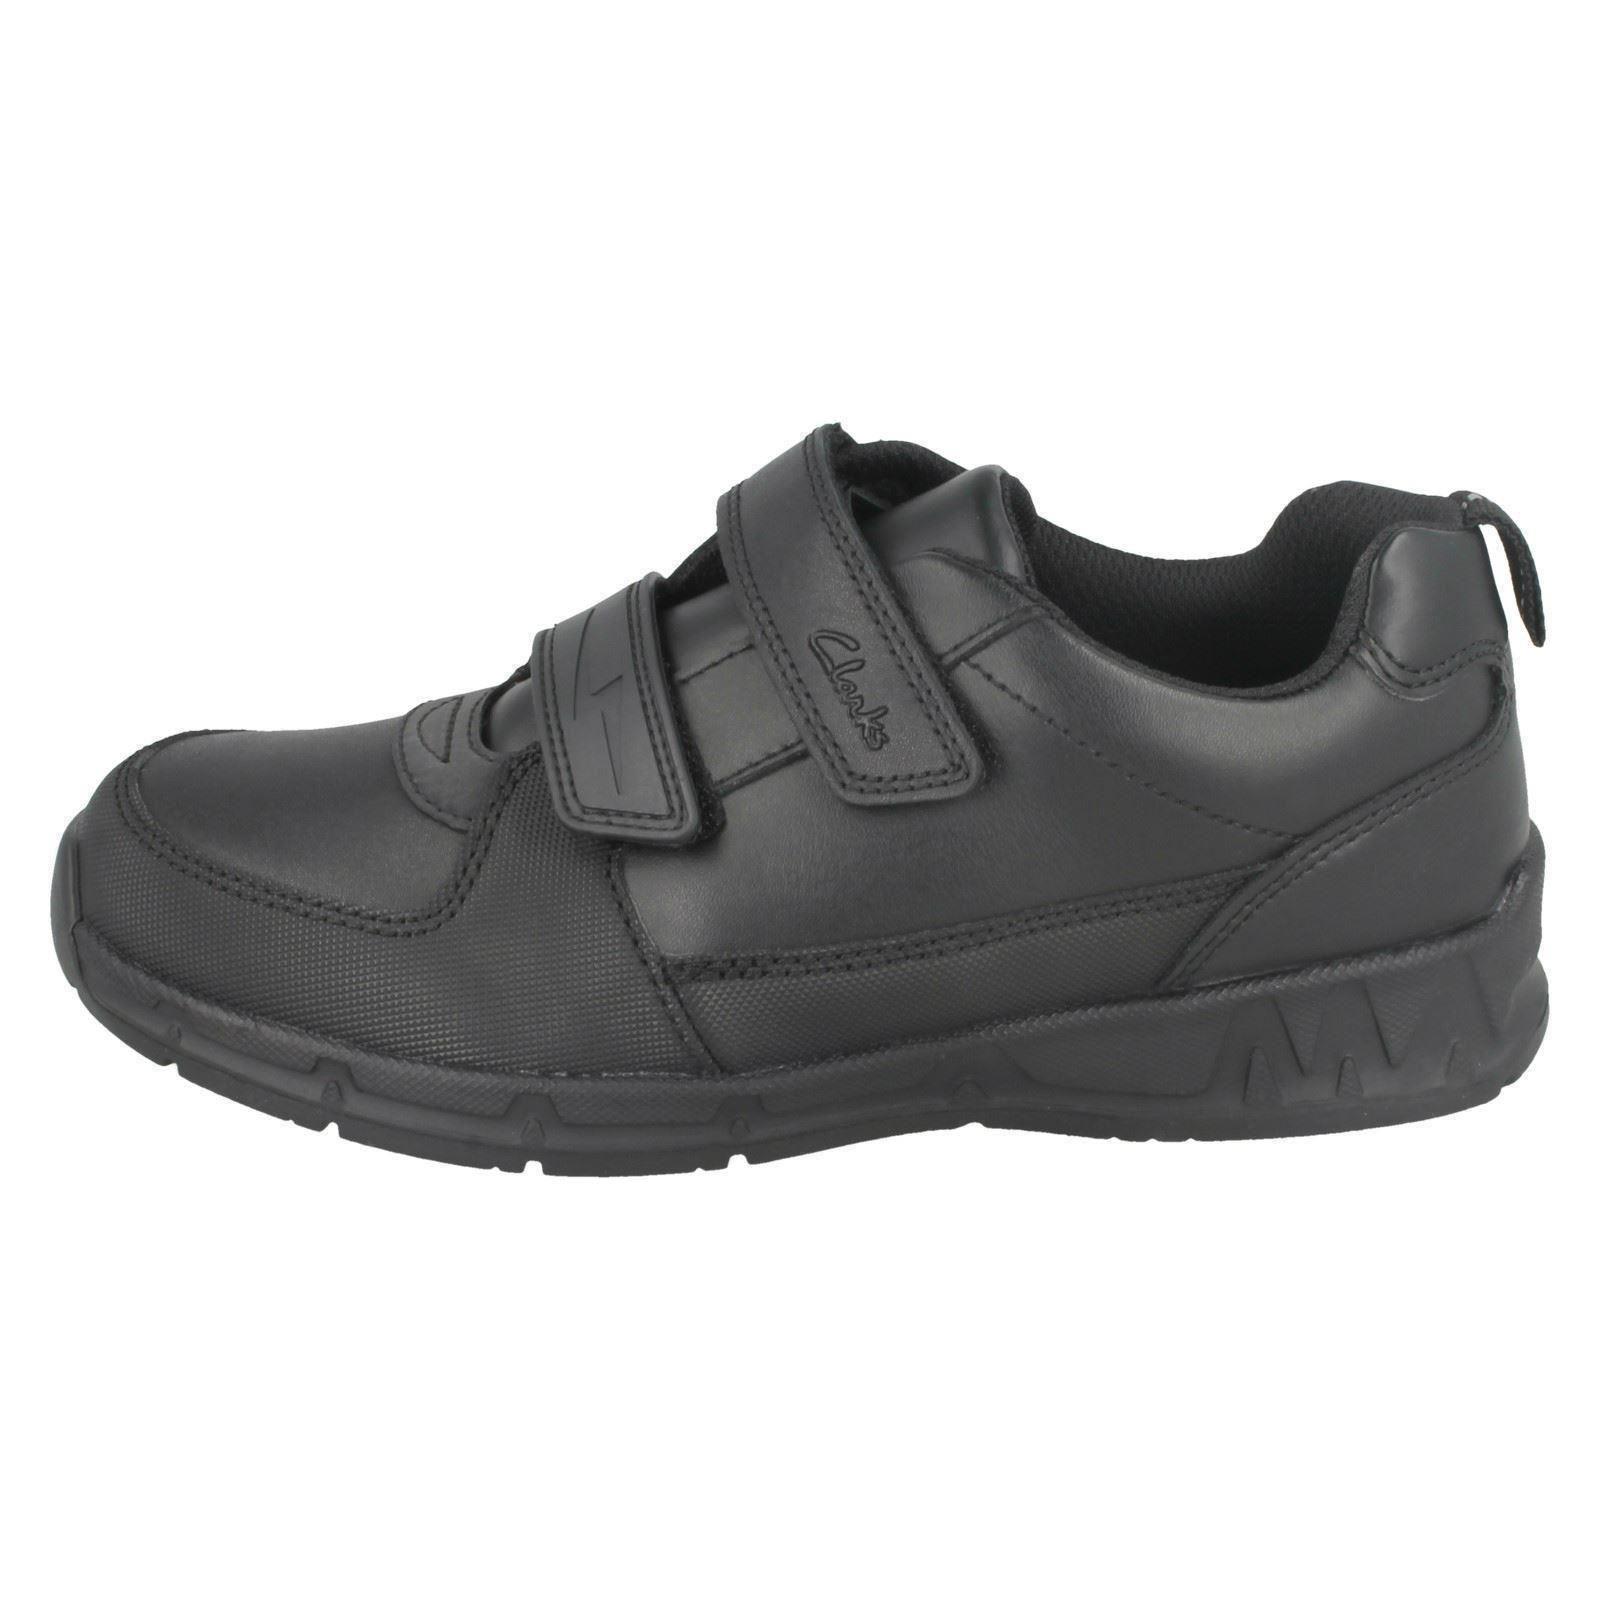 Maris Fire para escuela Gloforms Black doble By Clarks correa con de la niños formales Zapatos OY7wqq